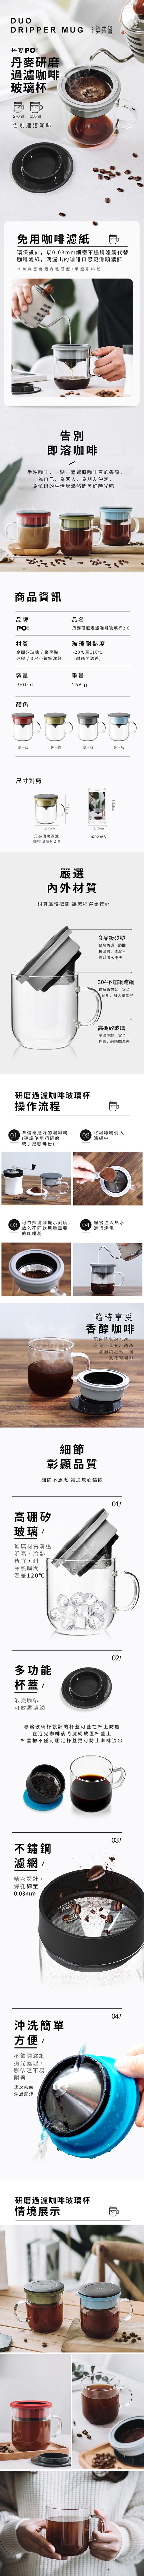 (複製)PO:Selected 丹麥手沖咖啡三件組(咖啡壺-黑/玻璃杯240ml-藍/咖啡磨2.0)